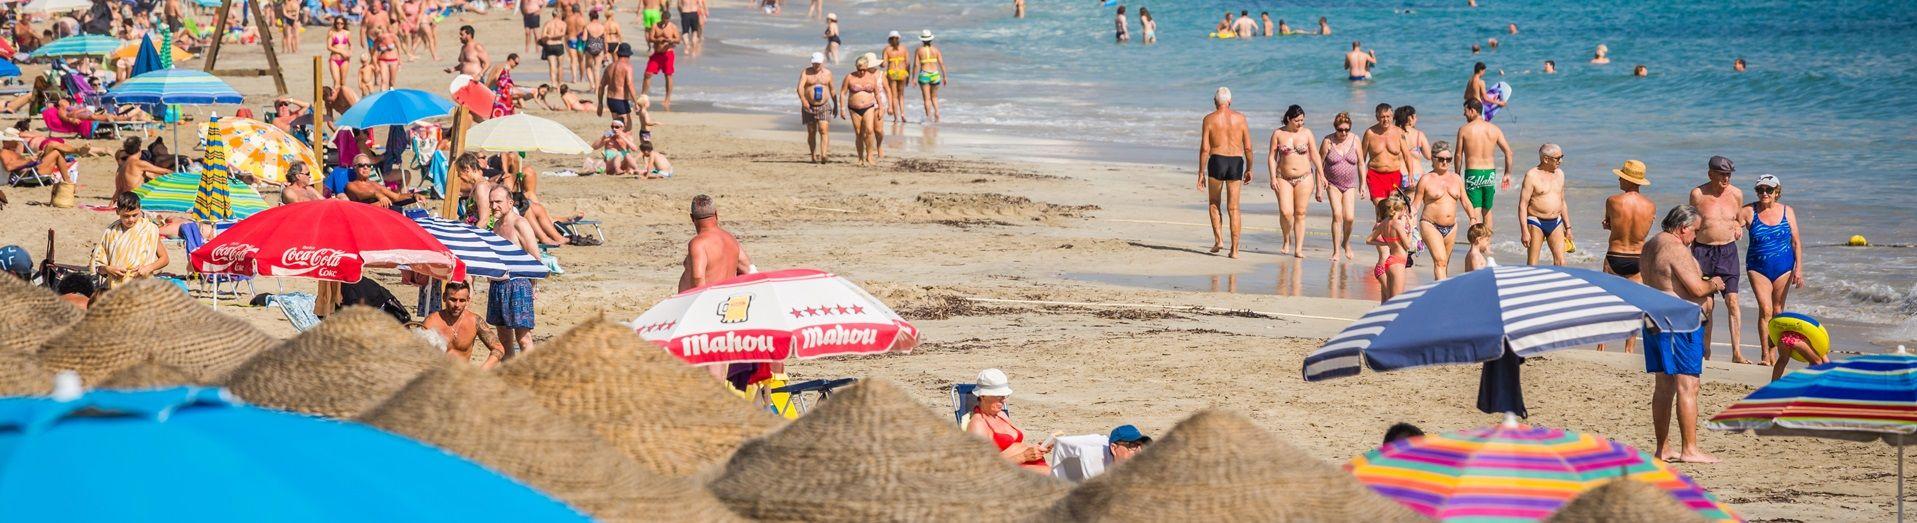 El sector turismo pierde en España 43.460 millones de euros y la destrucción de un millón de empleos